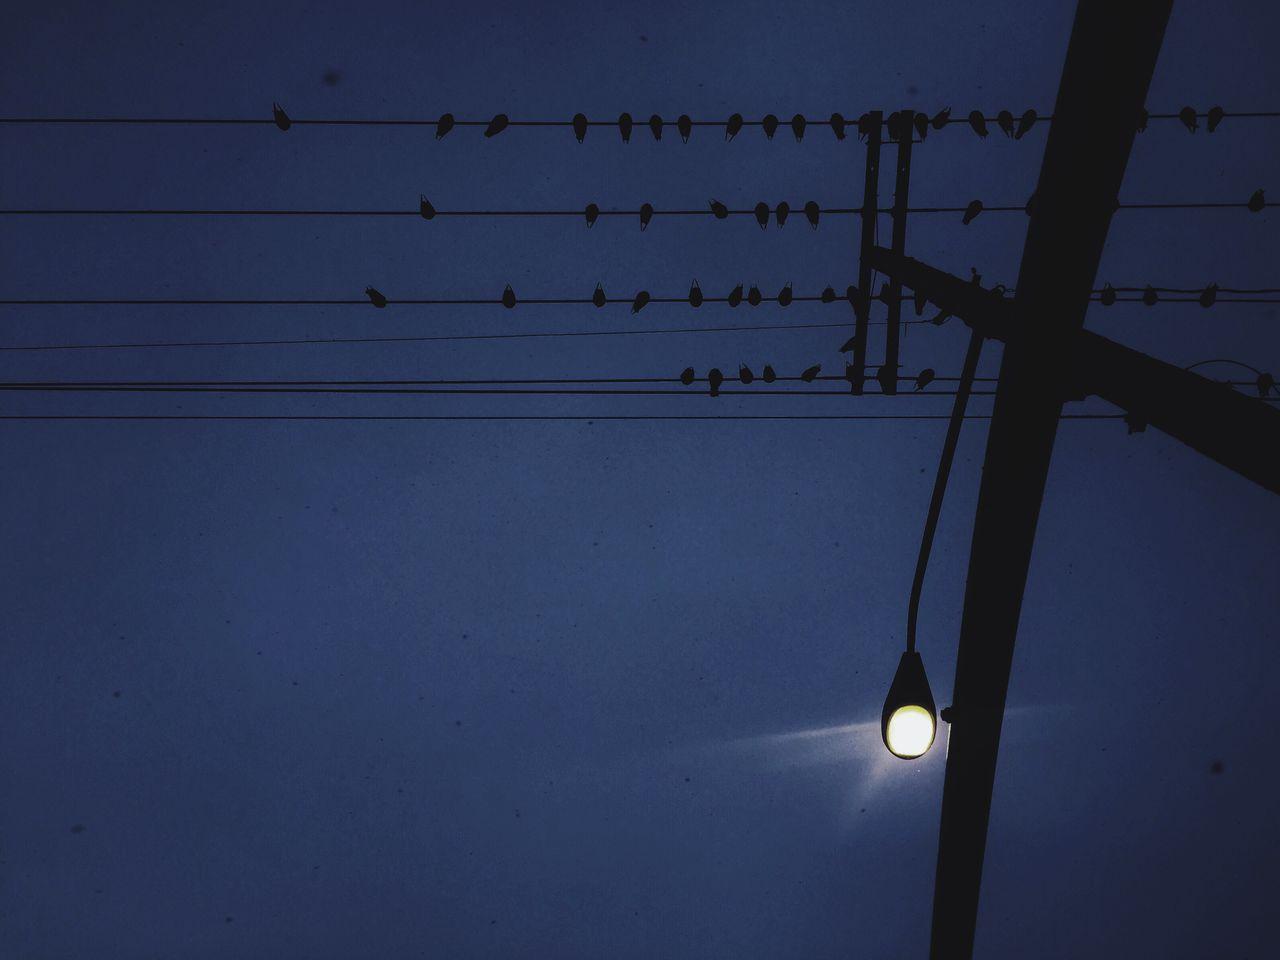 Dark Darkness Birds Lookingup Looking Up Dark Skies Dark Sky Gloomy Weather Gloomy Day Gloom Evening Electric Lines Wires In The Sky